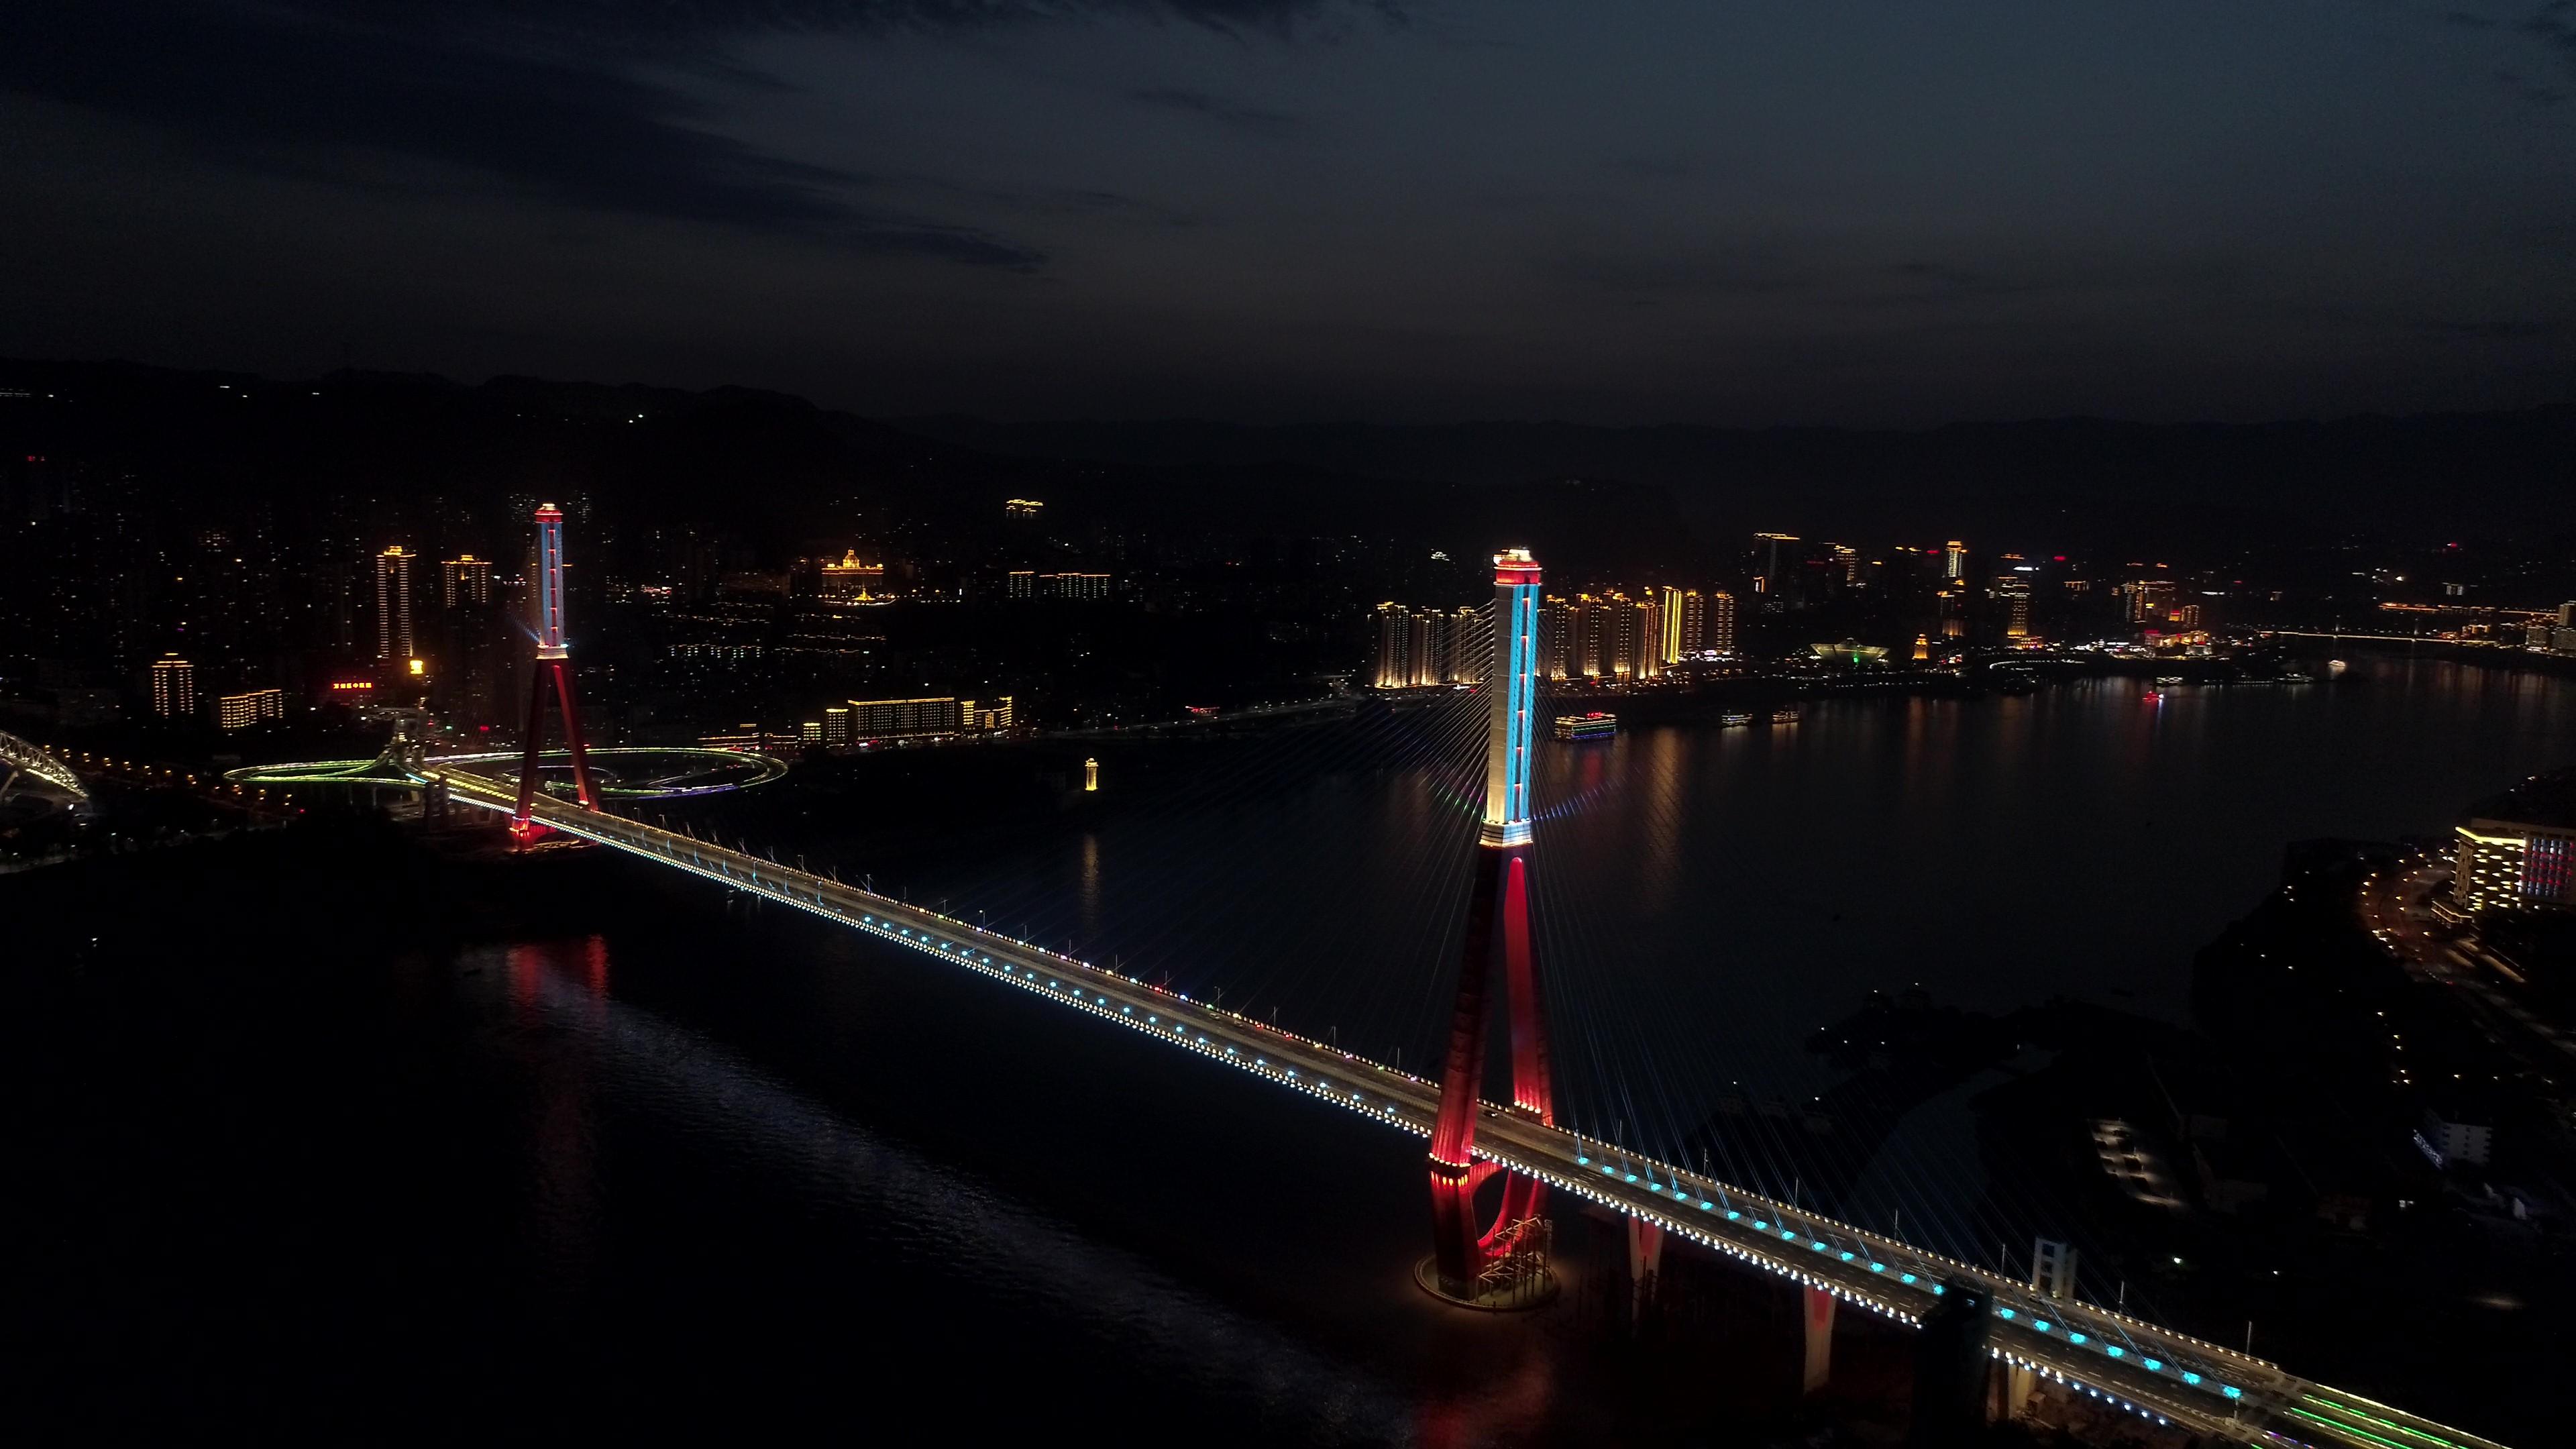 重庆万州三桥灯光秀